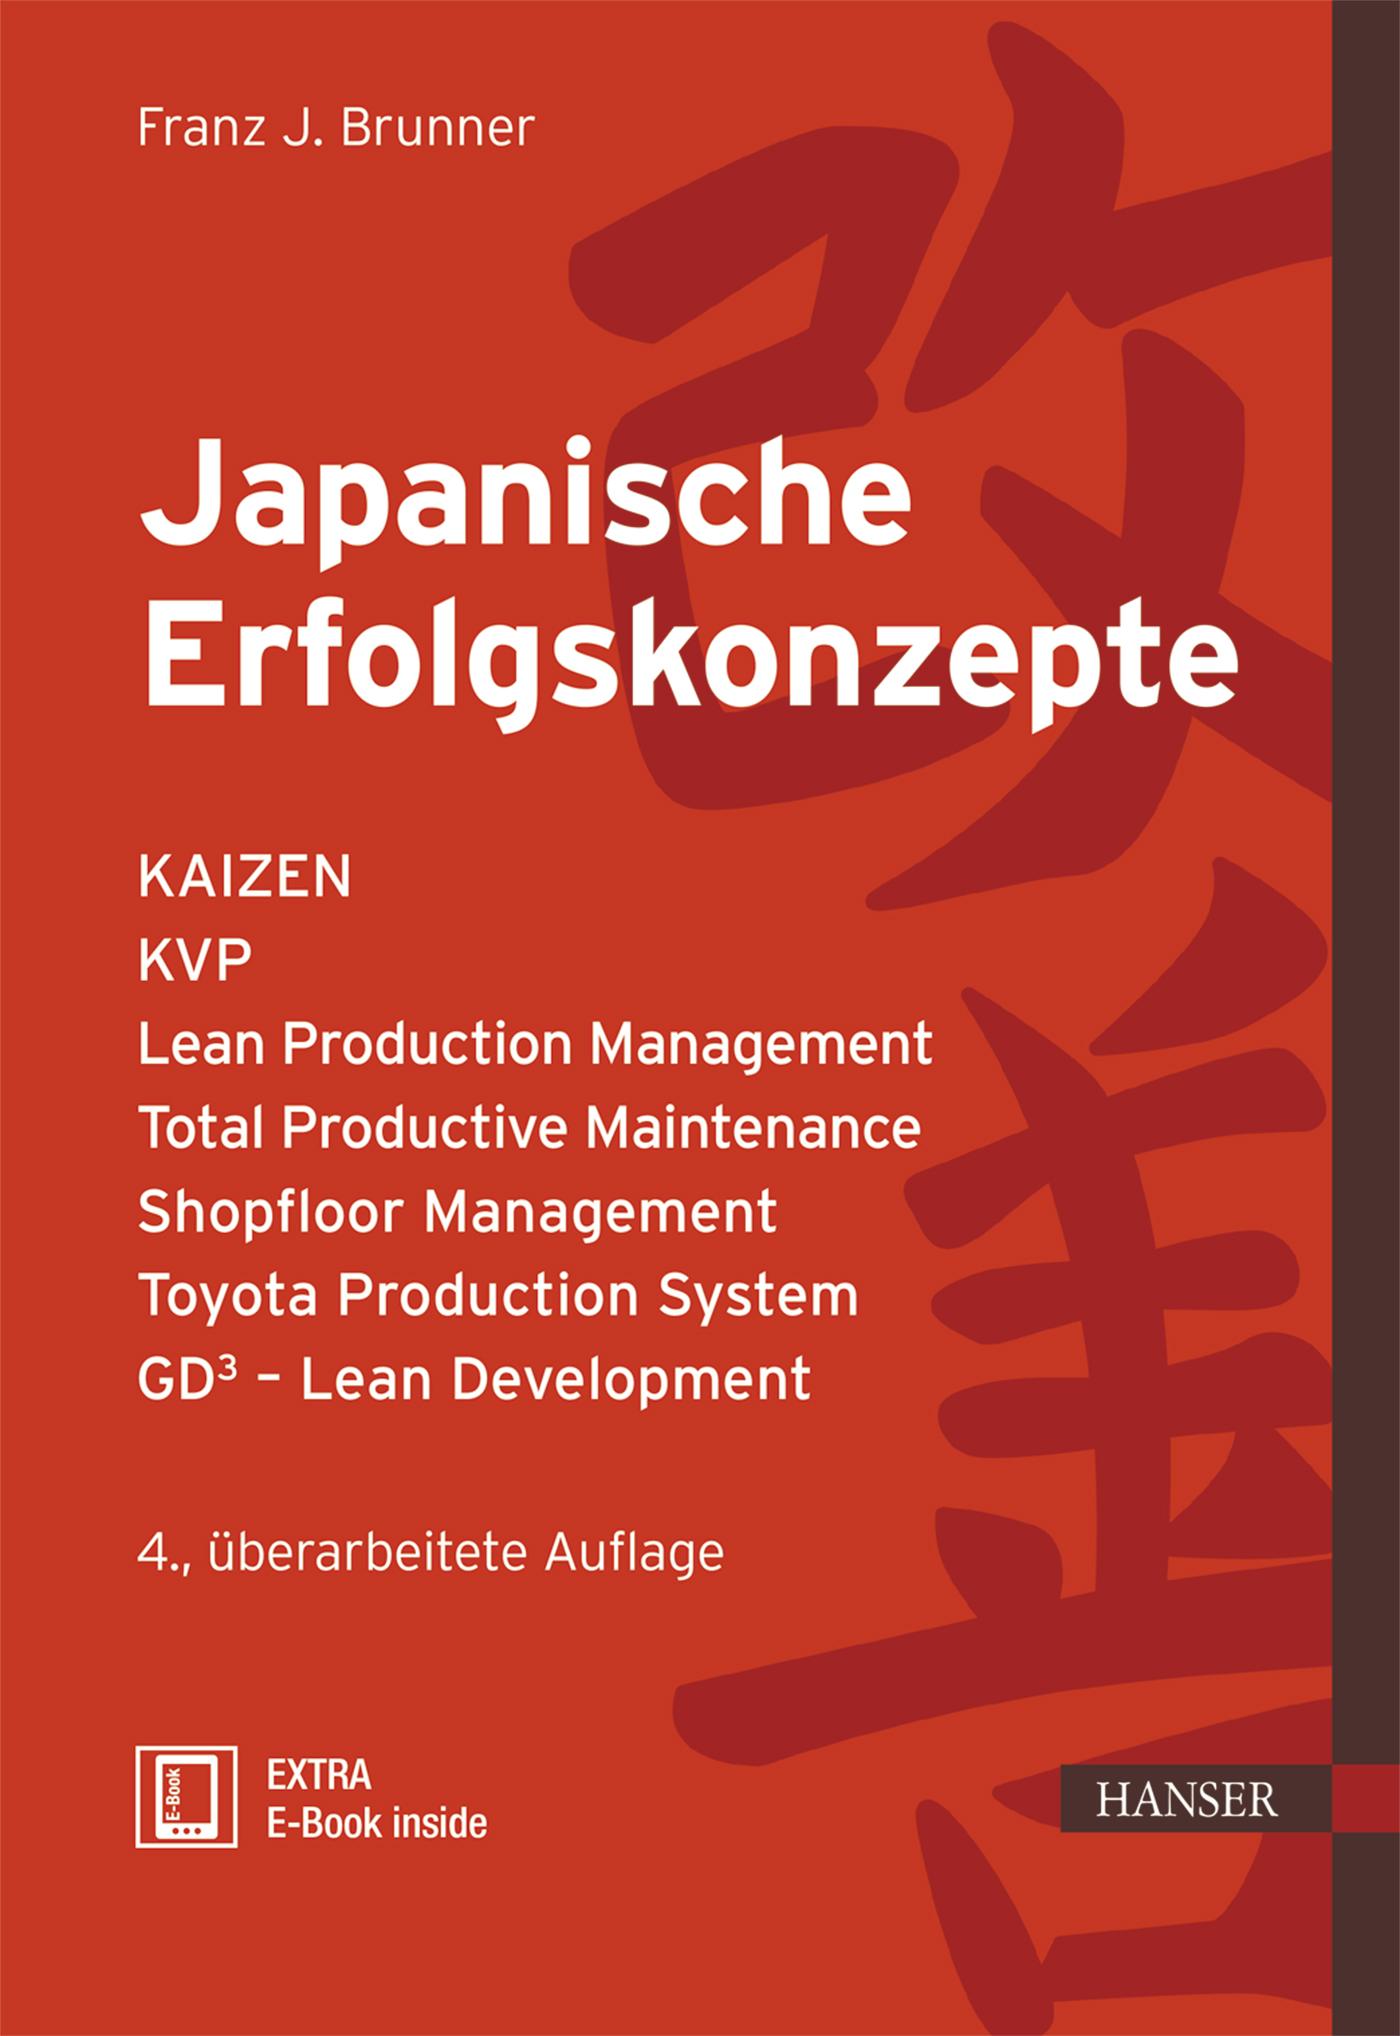 Japanische Erfolgskonzepte, 978-3-446-45428-6